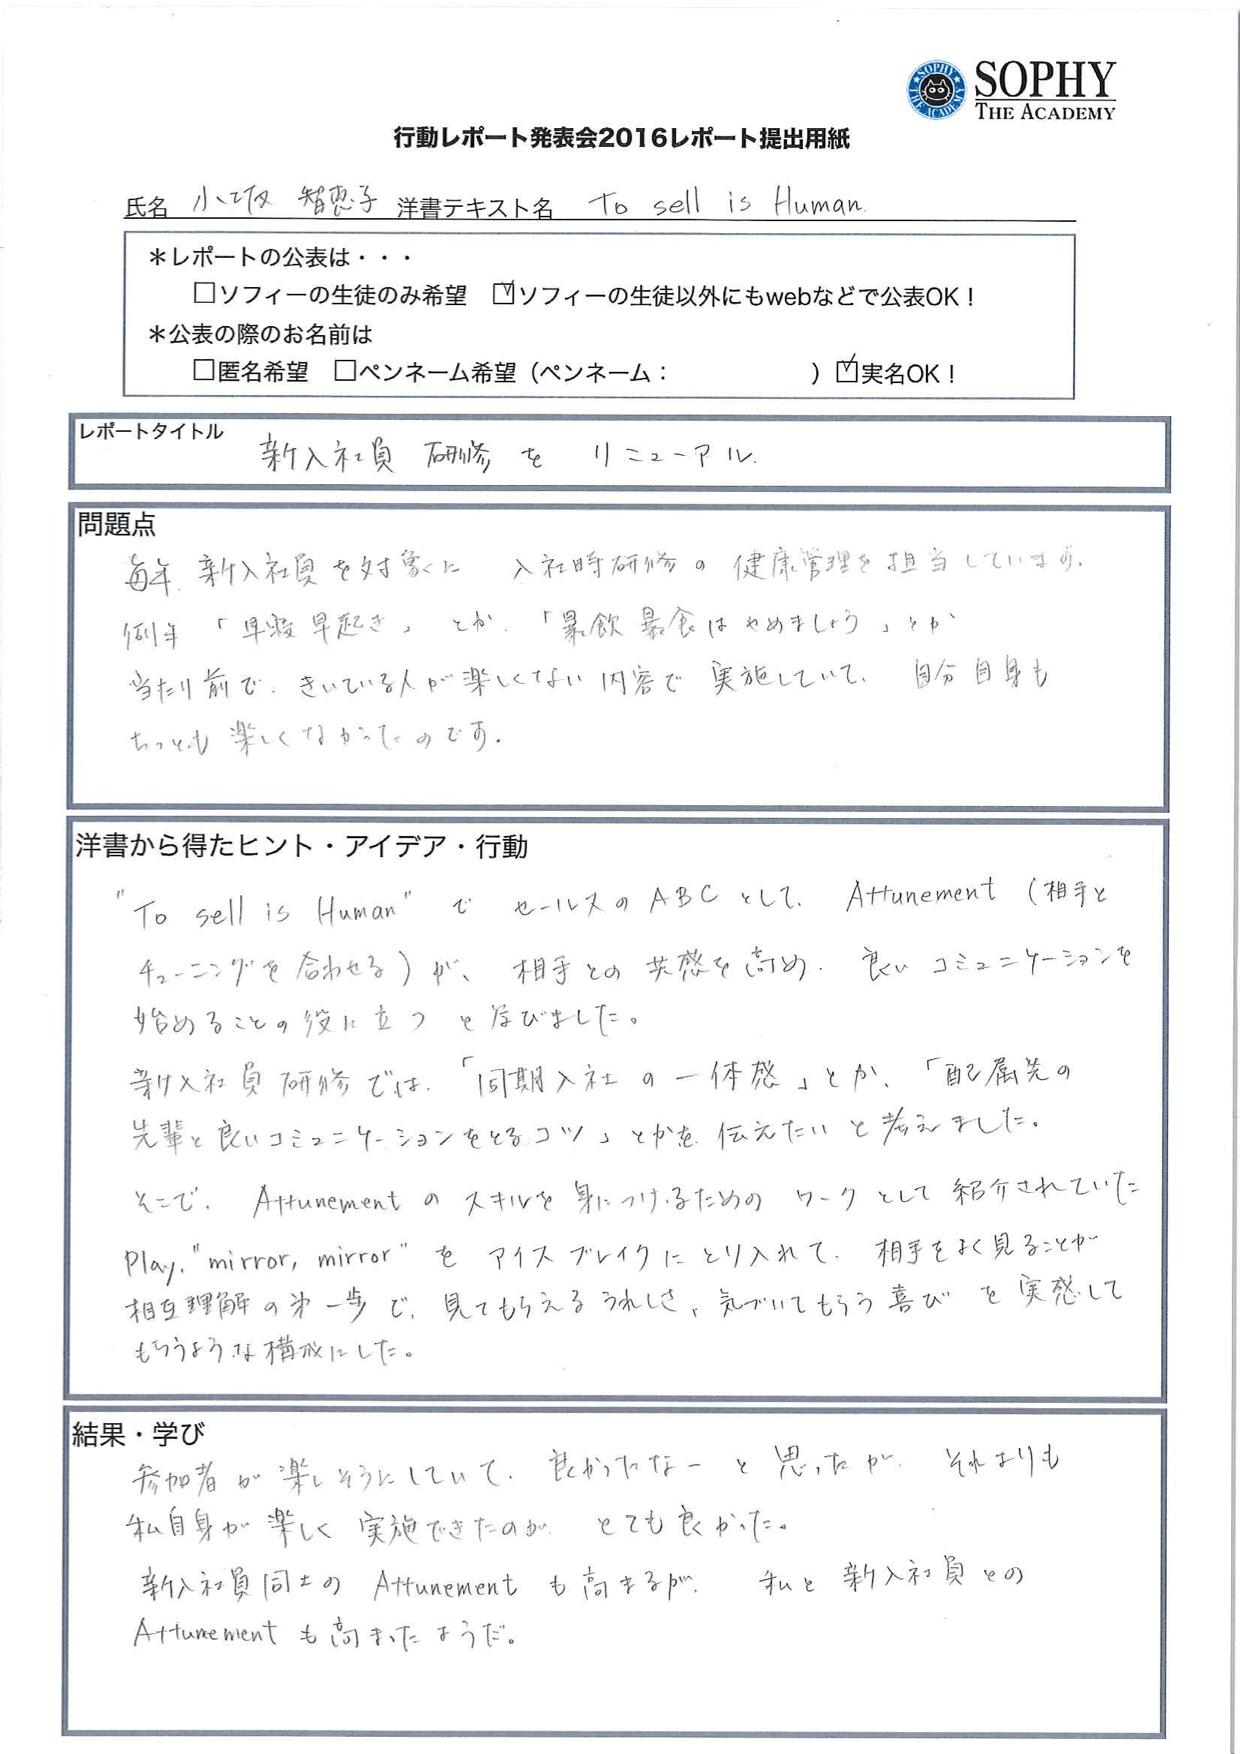 1612report_1502002_Kosaka_Chieko